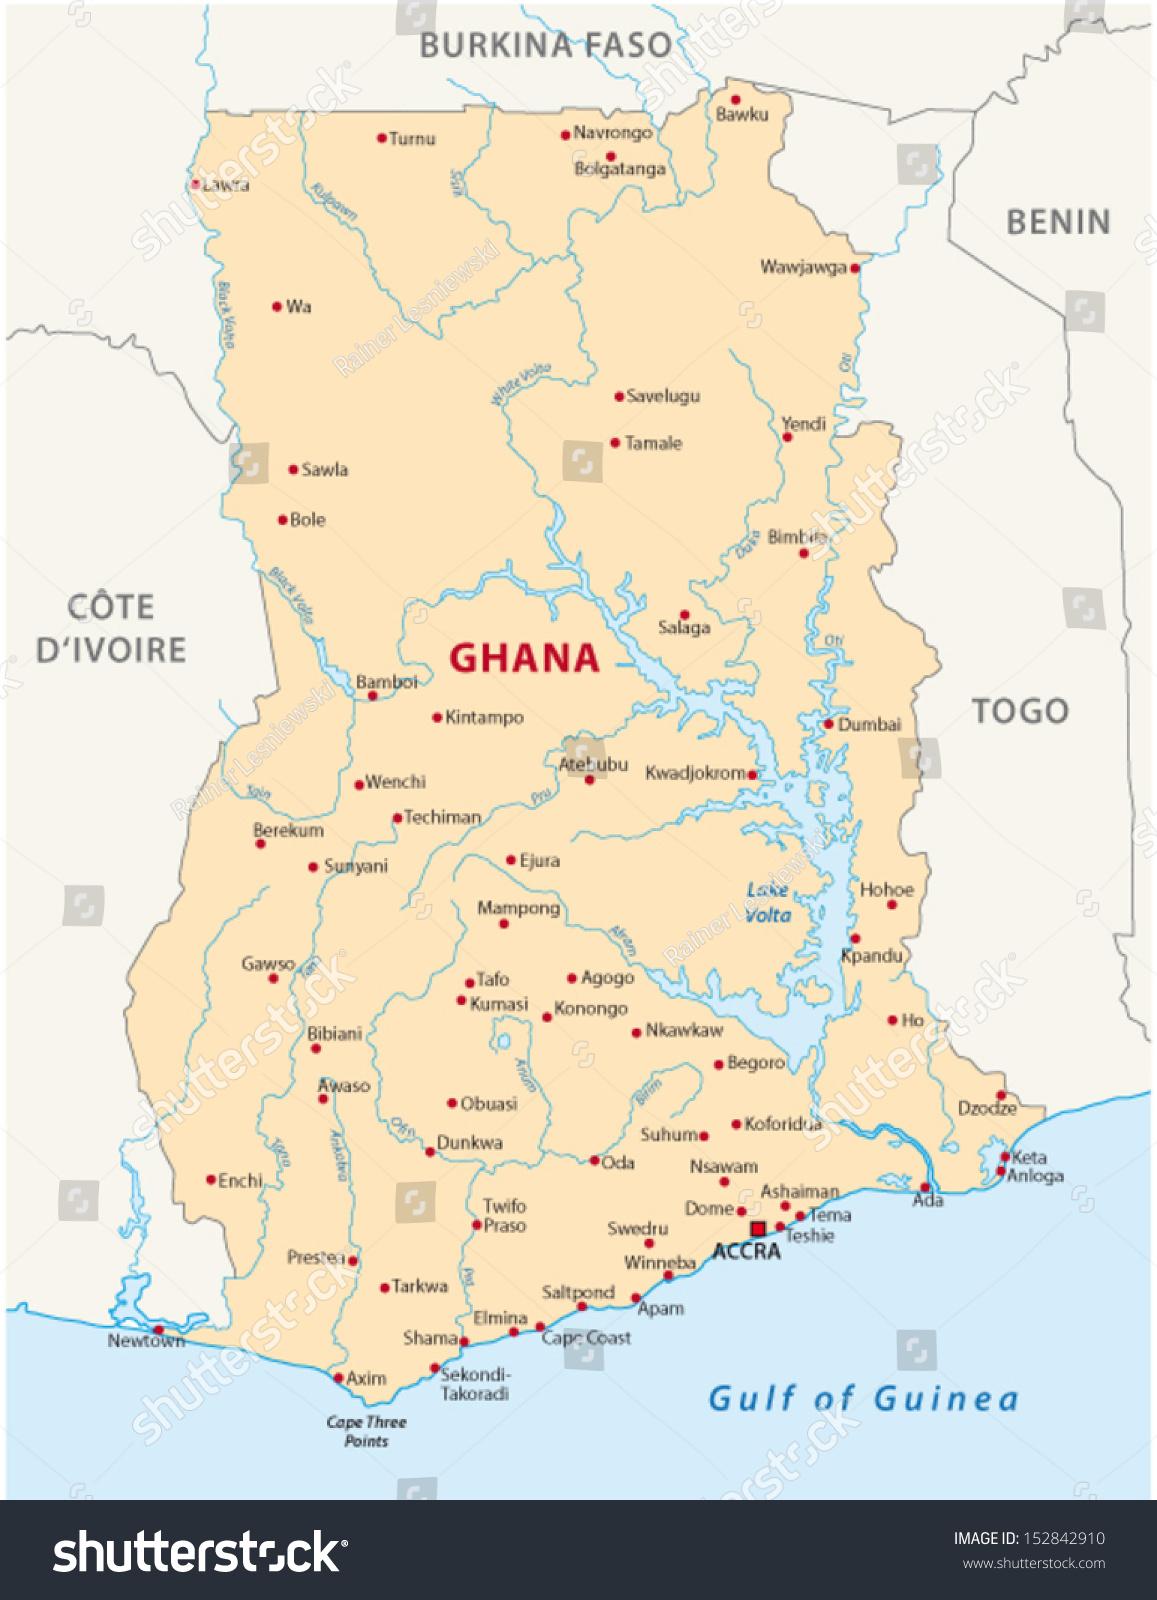 Ghana Map Stock Vector Shutterstock - Ghana map